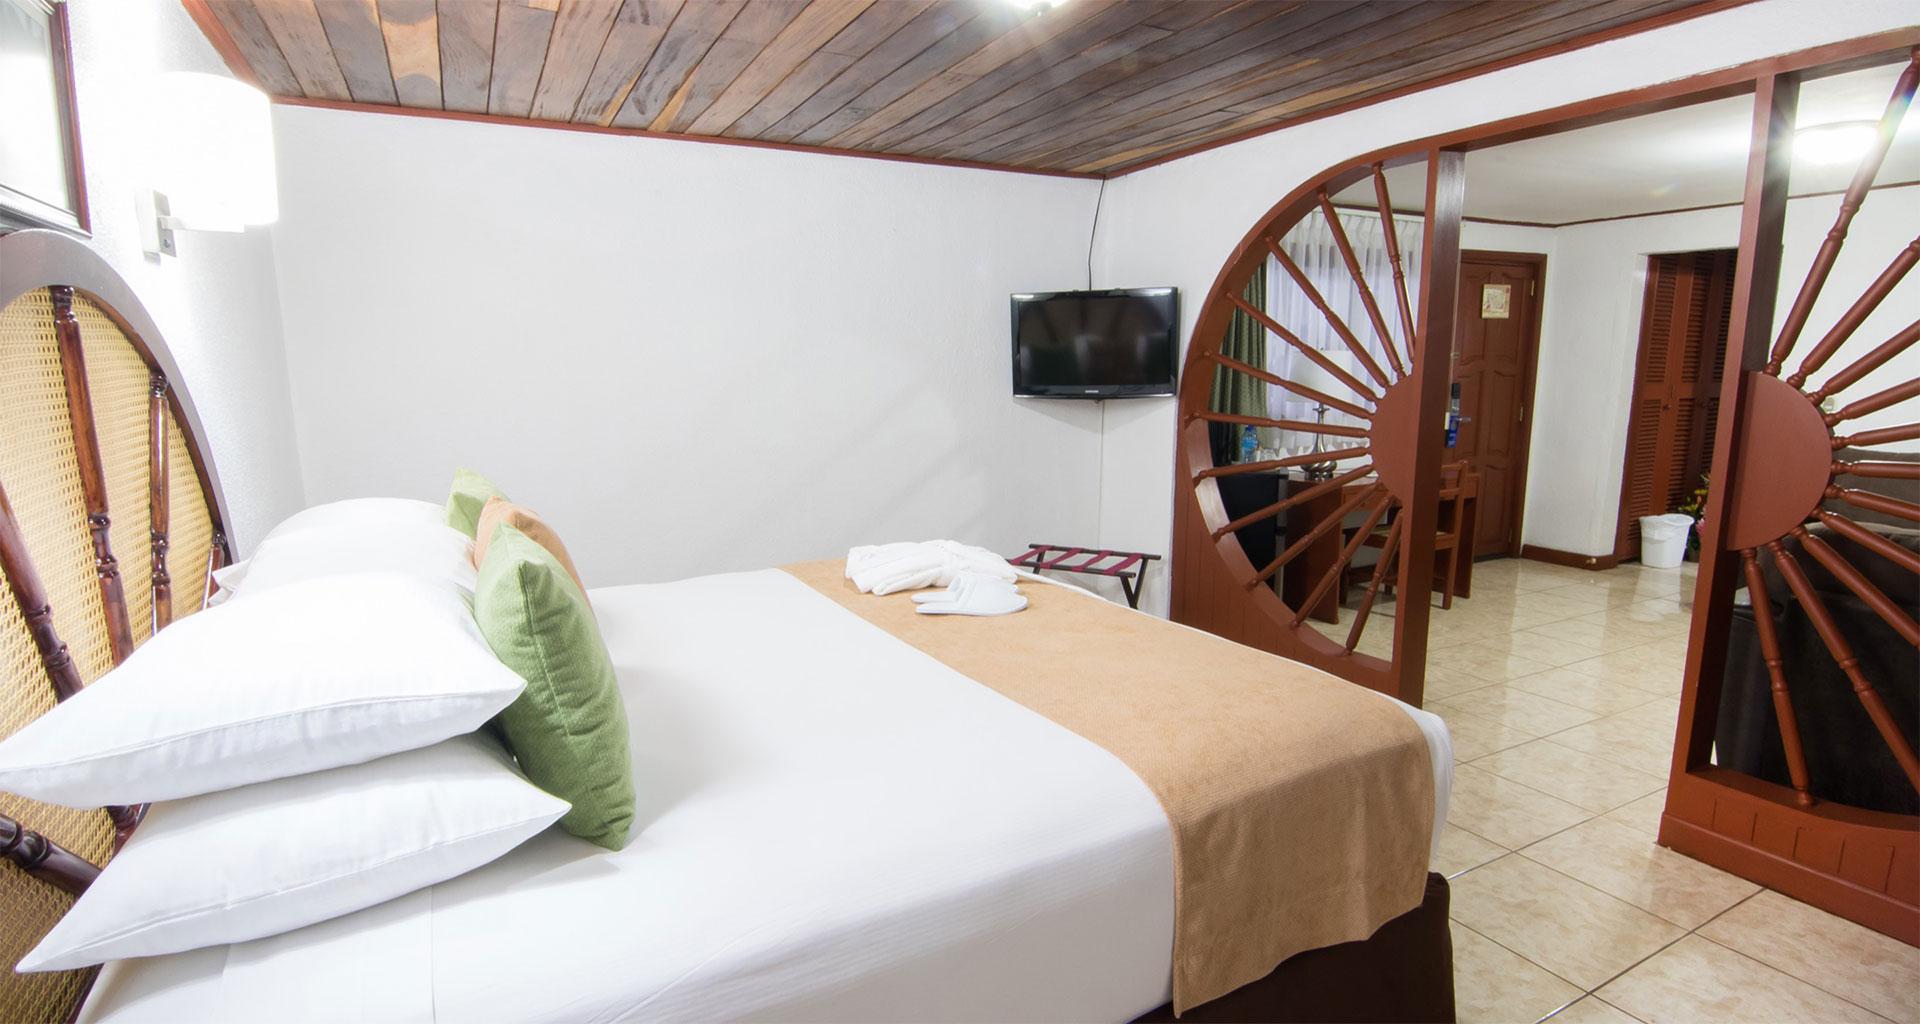 Habitación Suite JR. Hotel best Western Las Mercedes, Managua